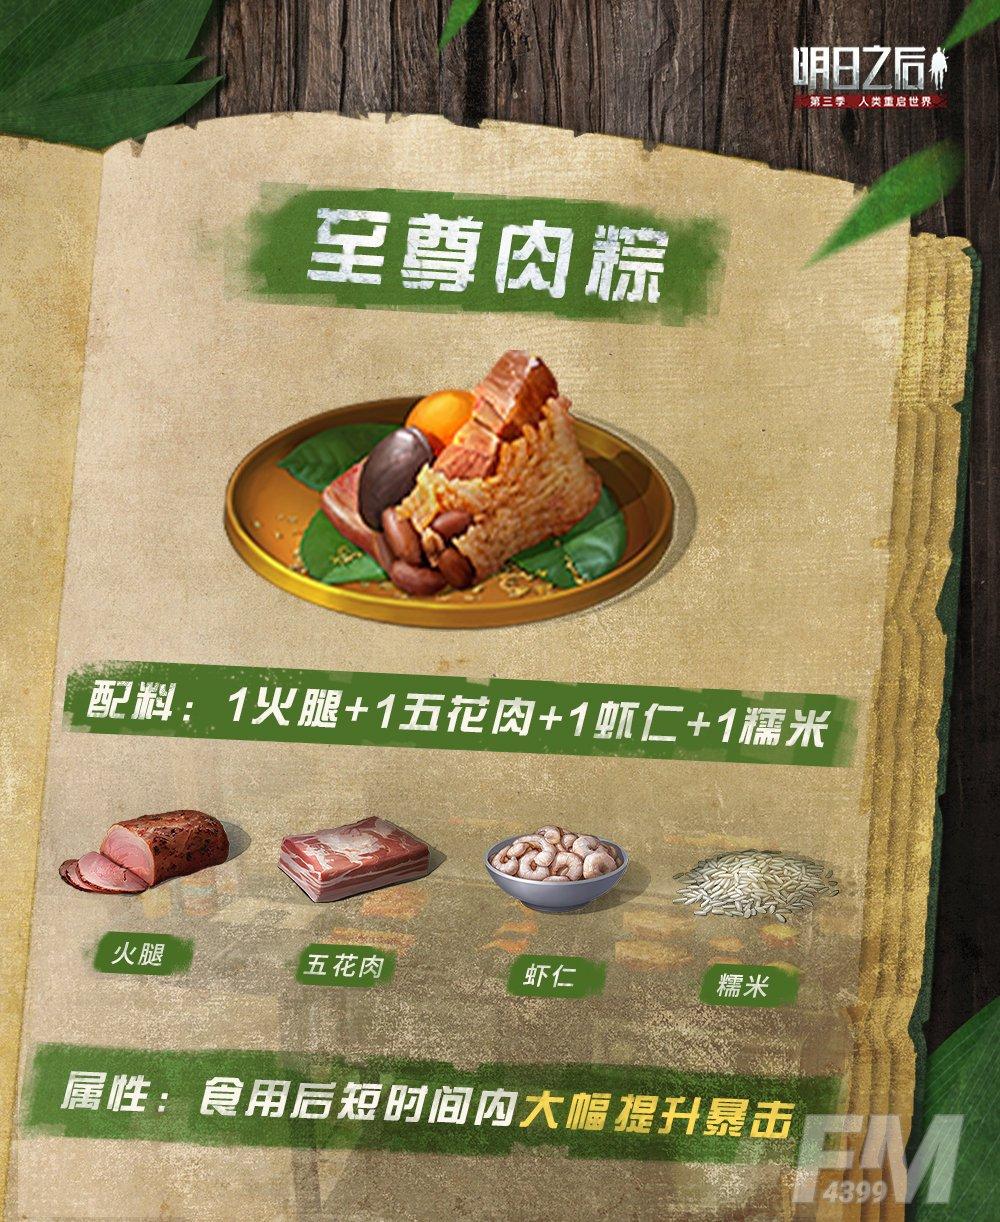 明日之后粽子食谱大全2021 端午节棕香端午活动攻略图片2